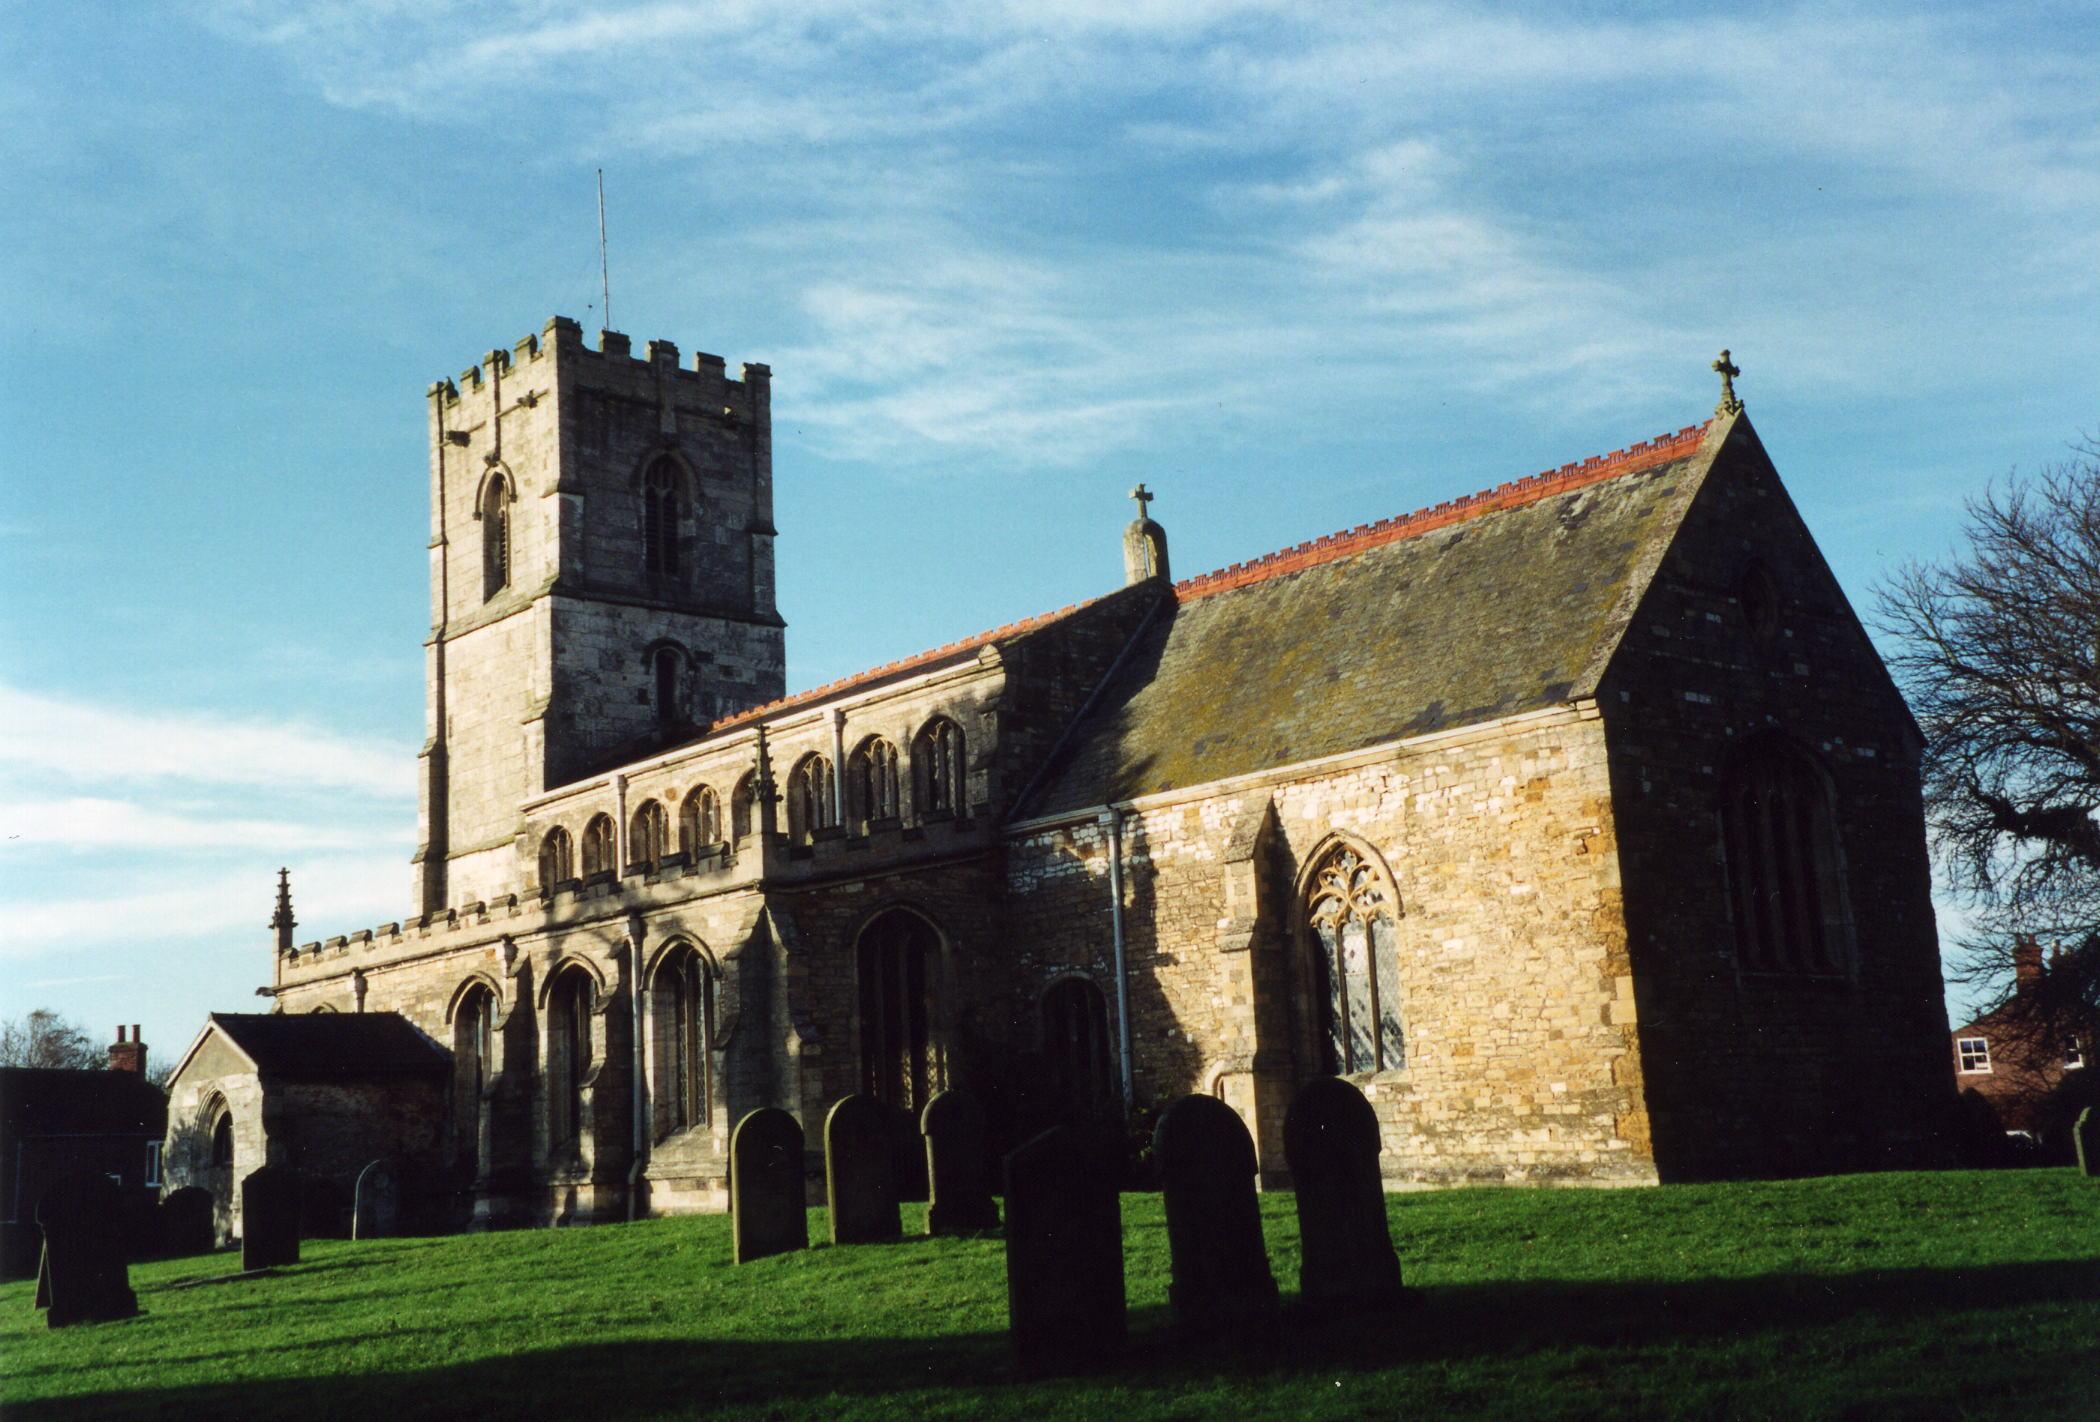 Goxhill All Saints church